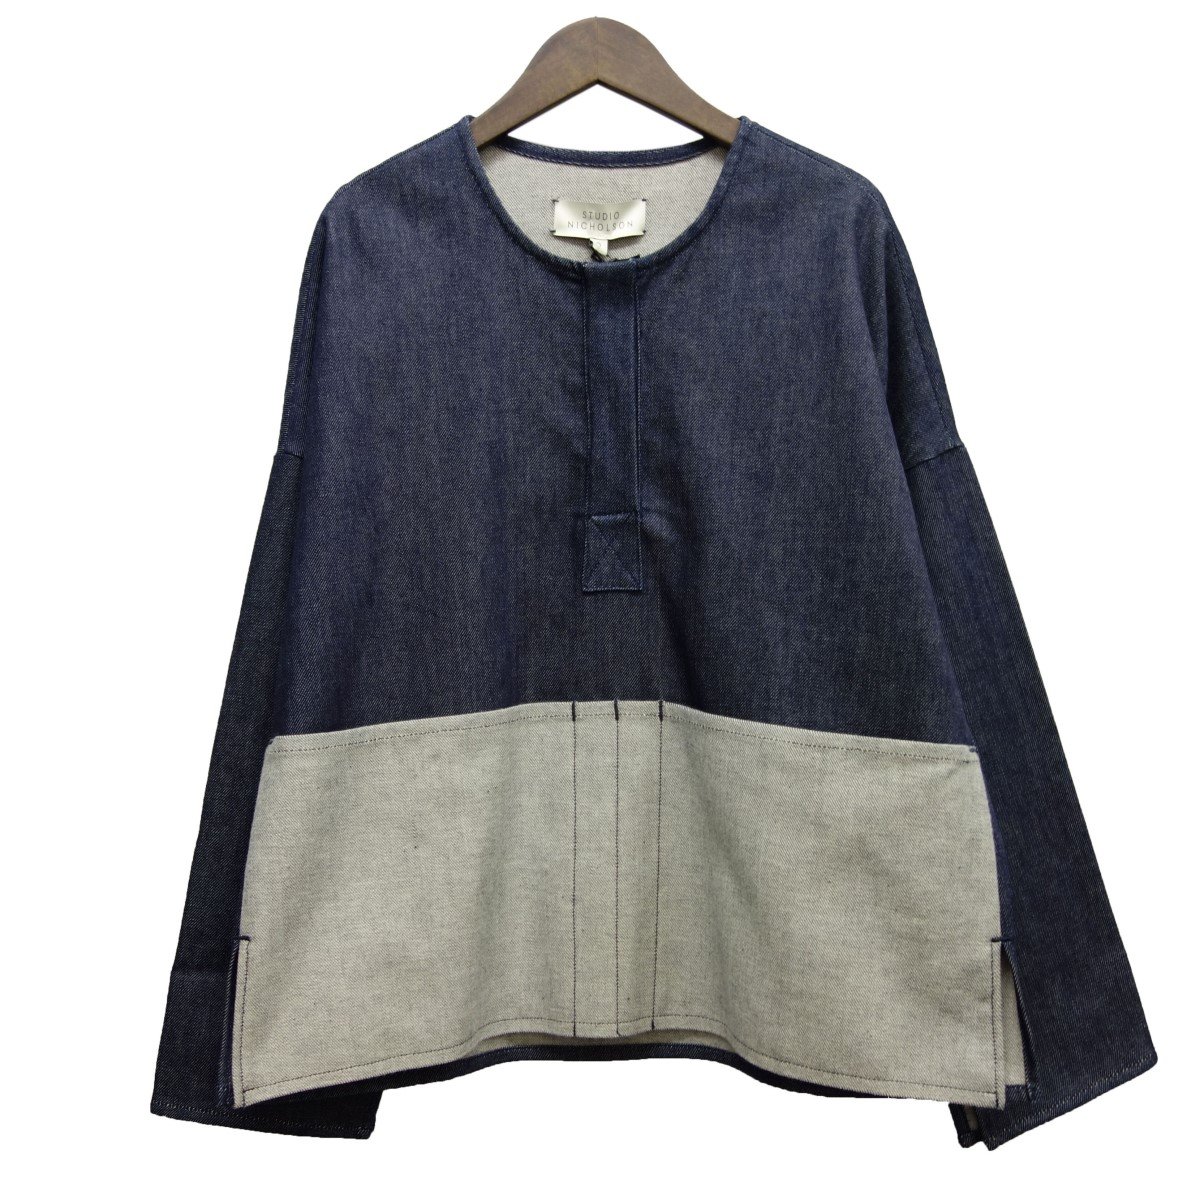 【中古】STUDIO NICHOLSON「STRIDER」 デニムプルオーバーシャツ インディゴ サイズ:0